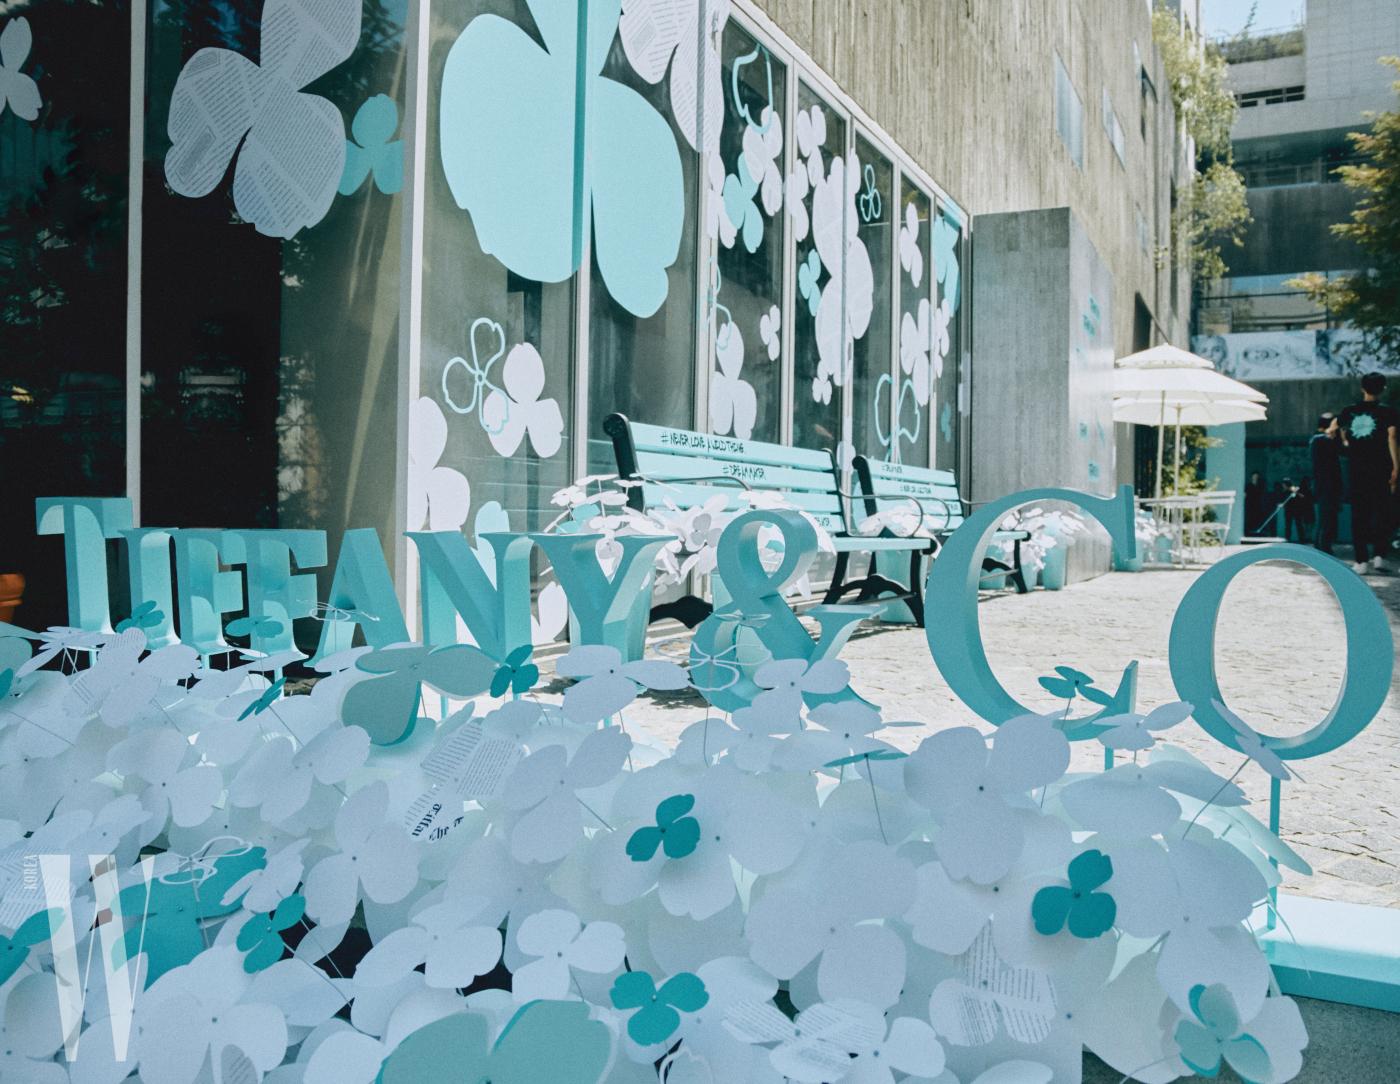 티파니앤코 로고가 설치된 행사장 전경.